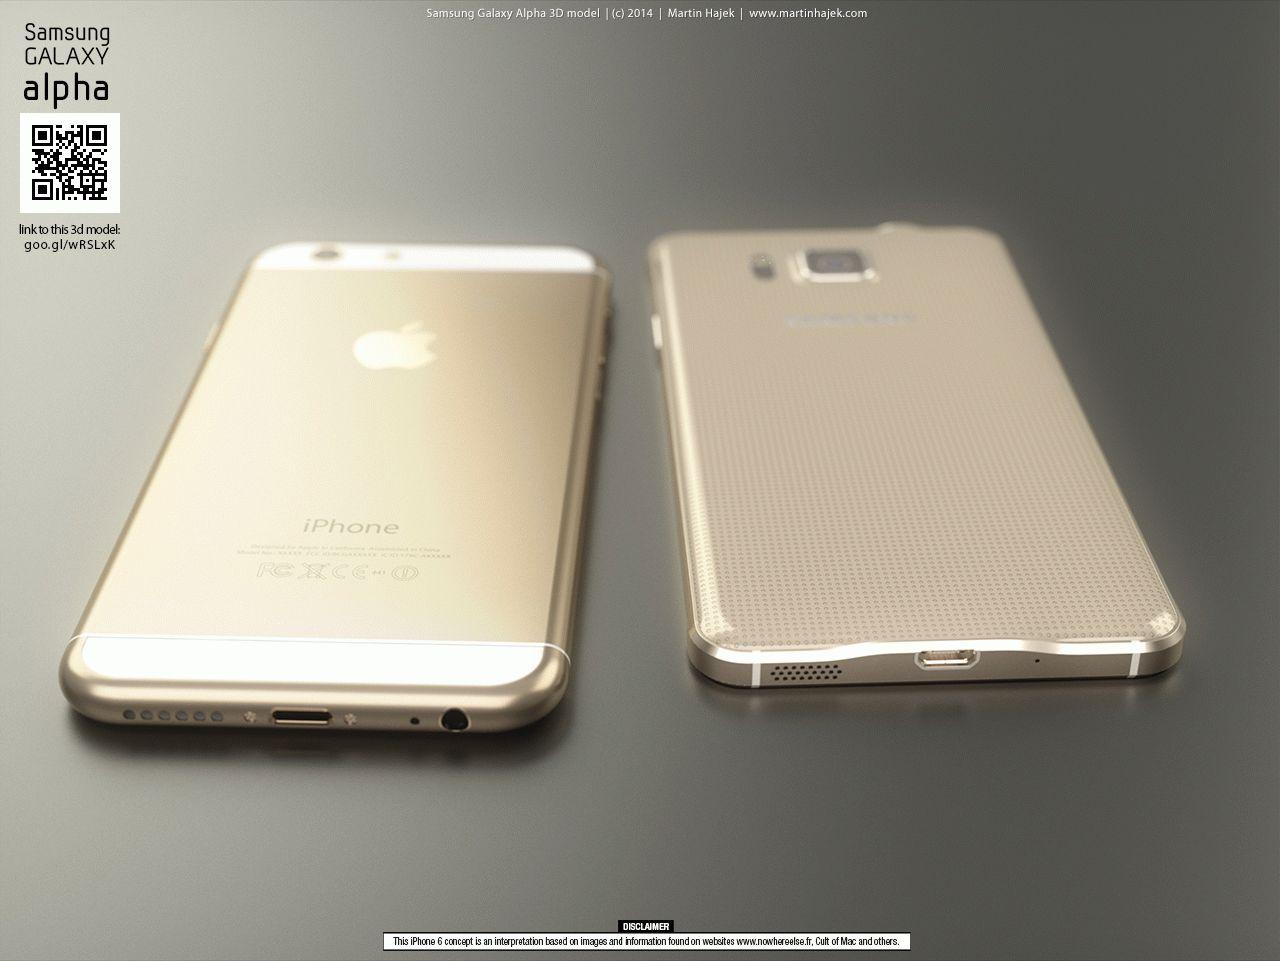 kak-daleko-samsung-zashla-v-kopirovanii-apple-galaxy-alpha-protiv-iphone-----